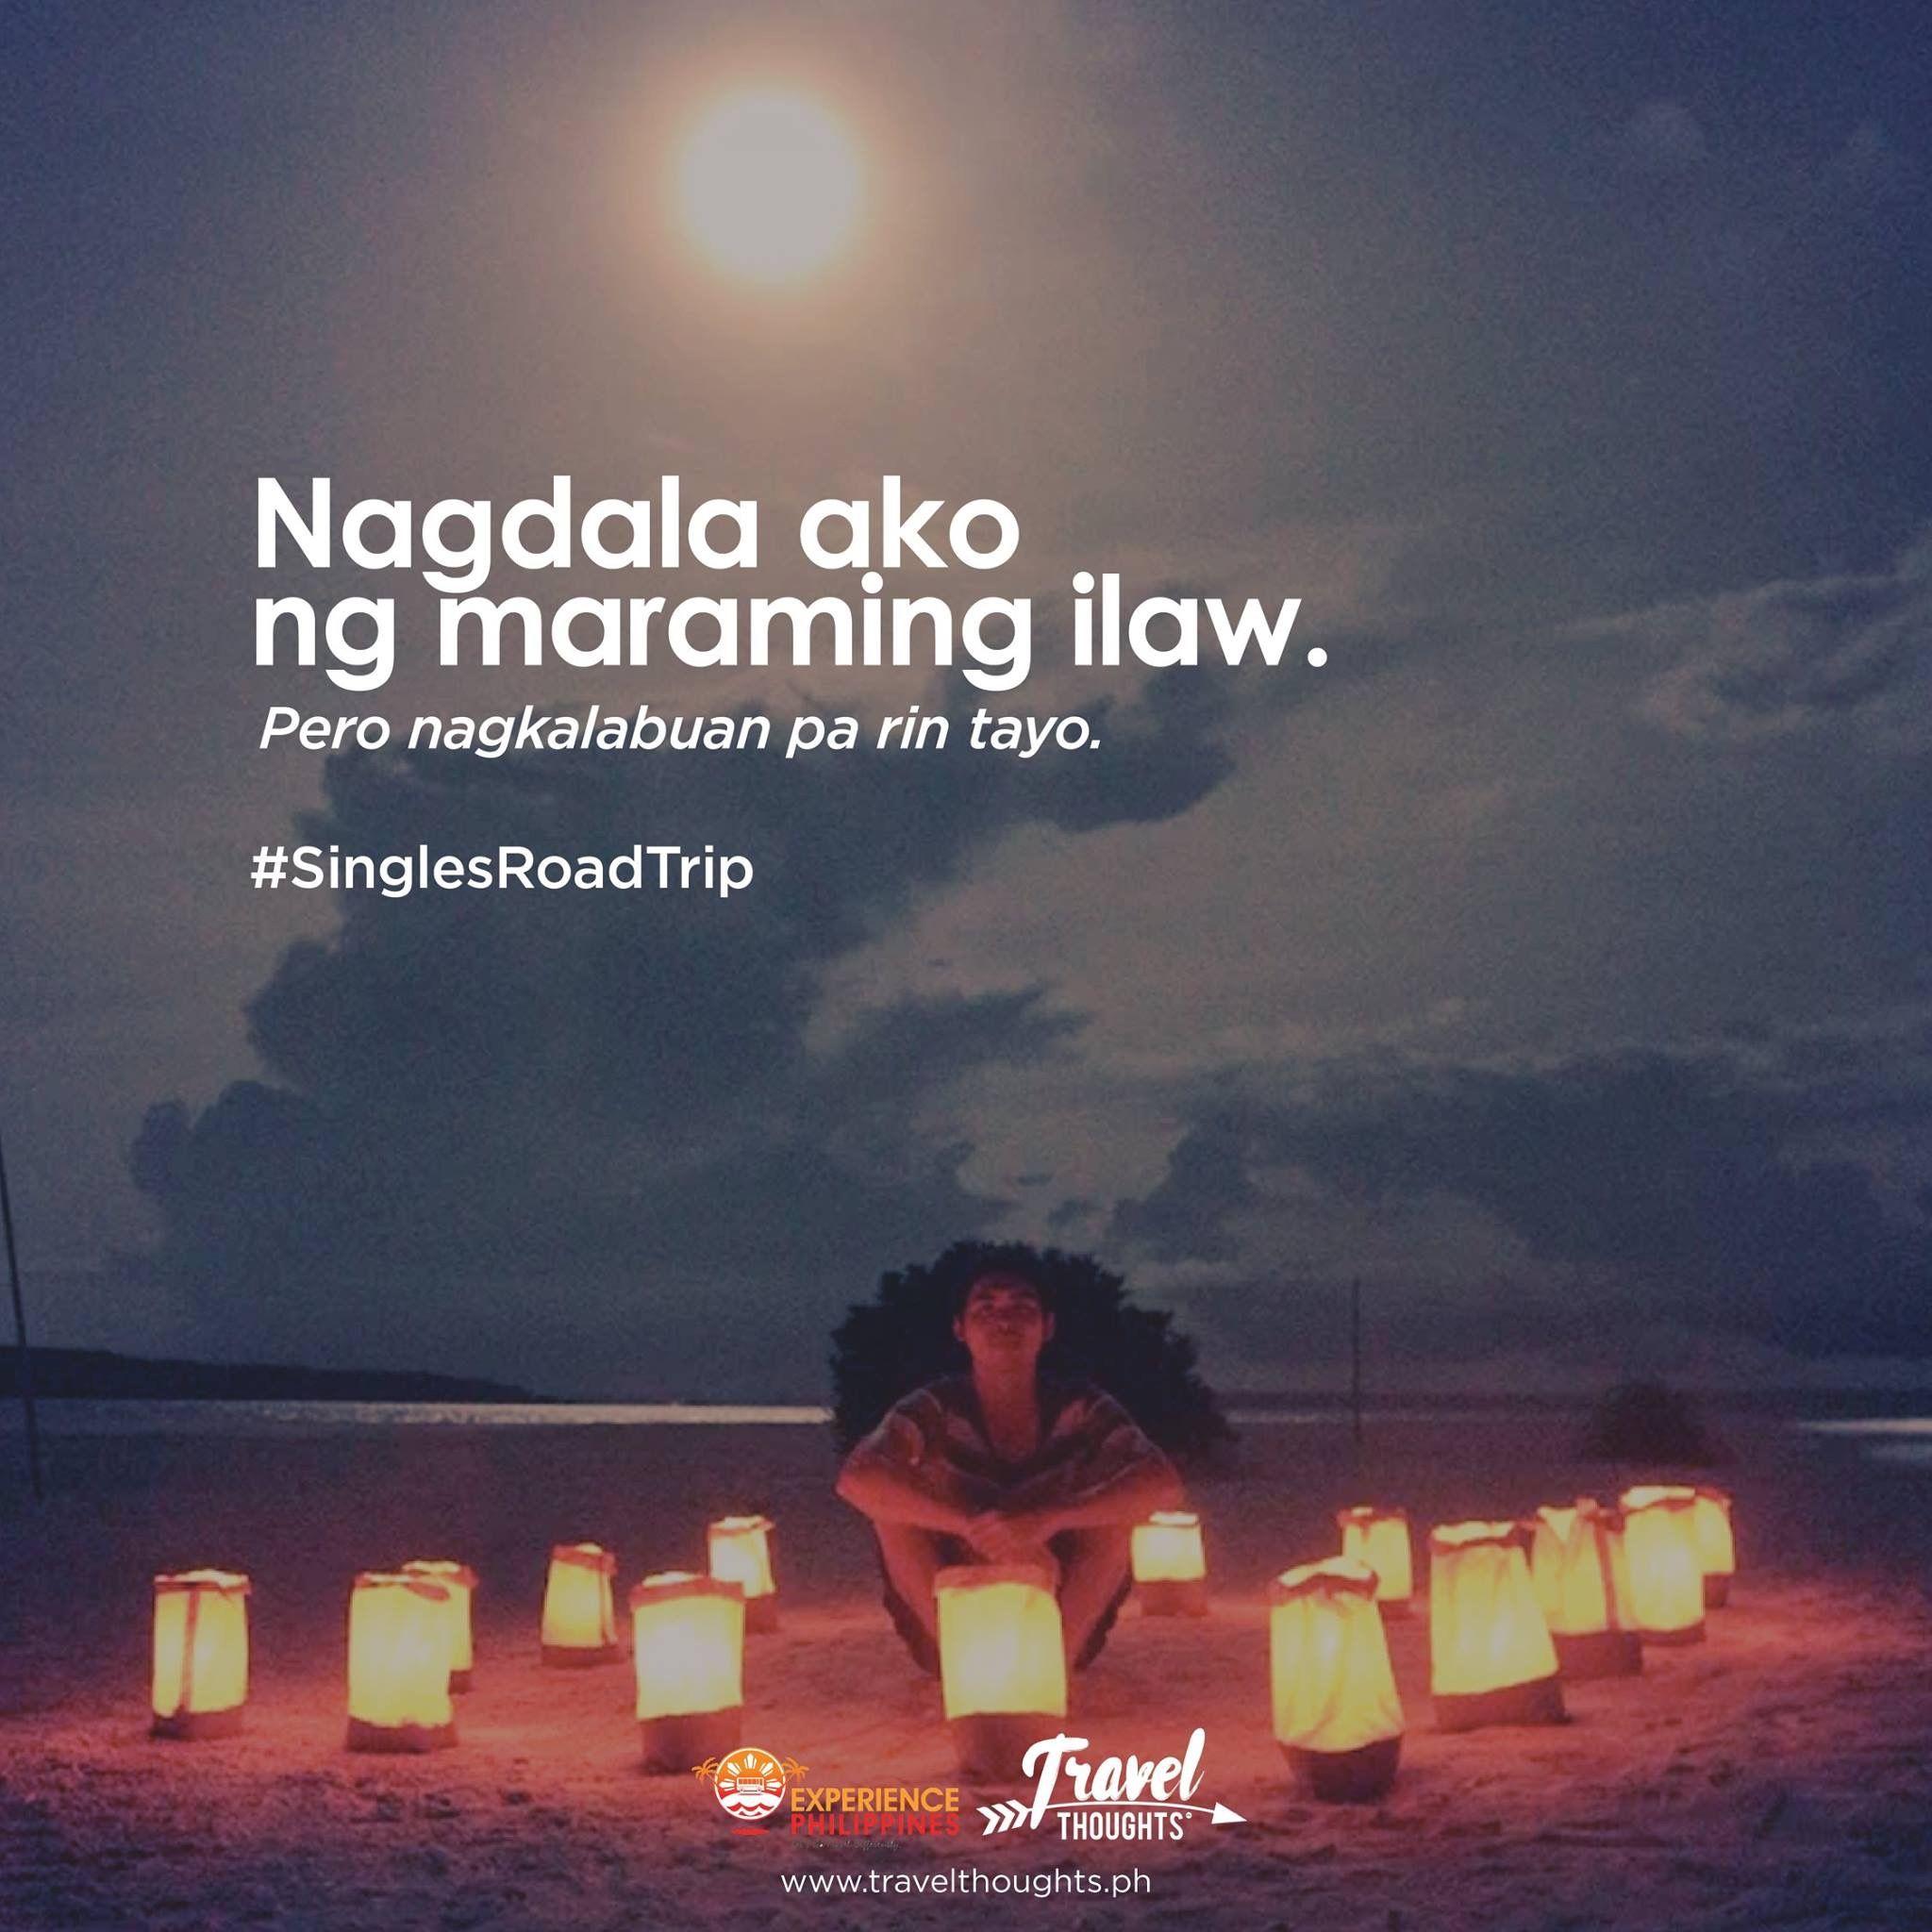 Pin By Antonina Elesterio On Tagalog Kowts Humor Tagalog Quotes Hugot Funny Tagalog Quotes Funny Tagalog Quotes